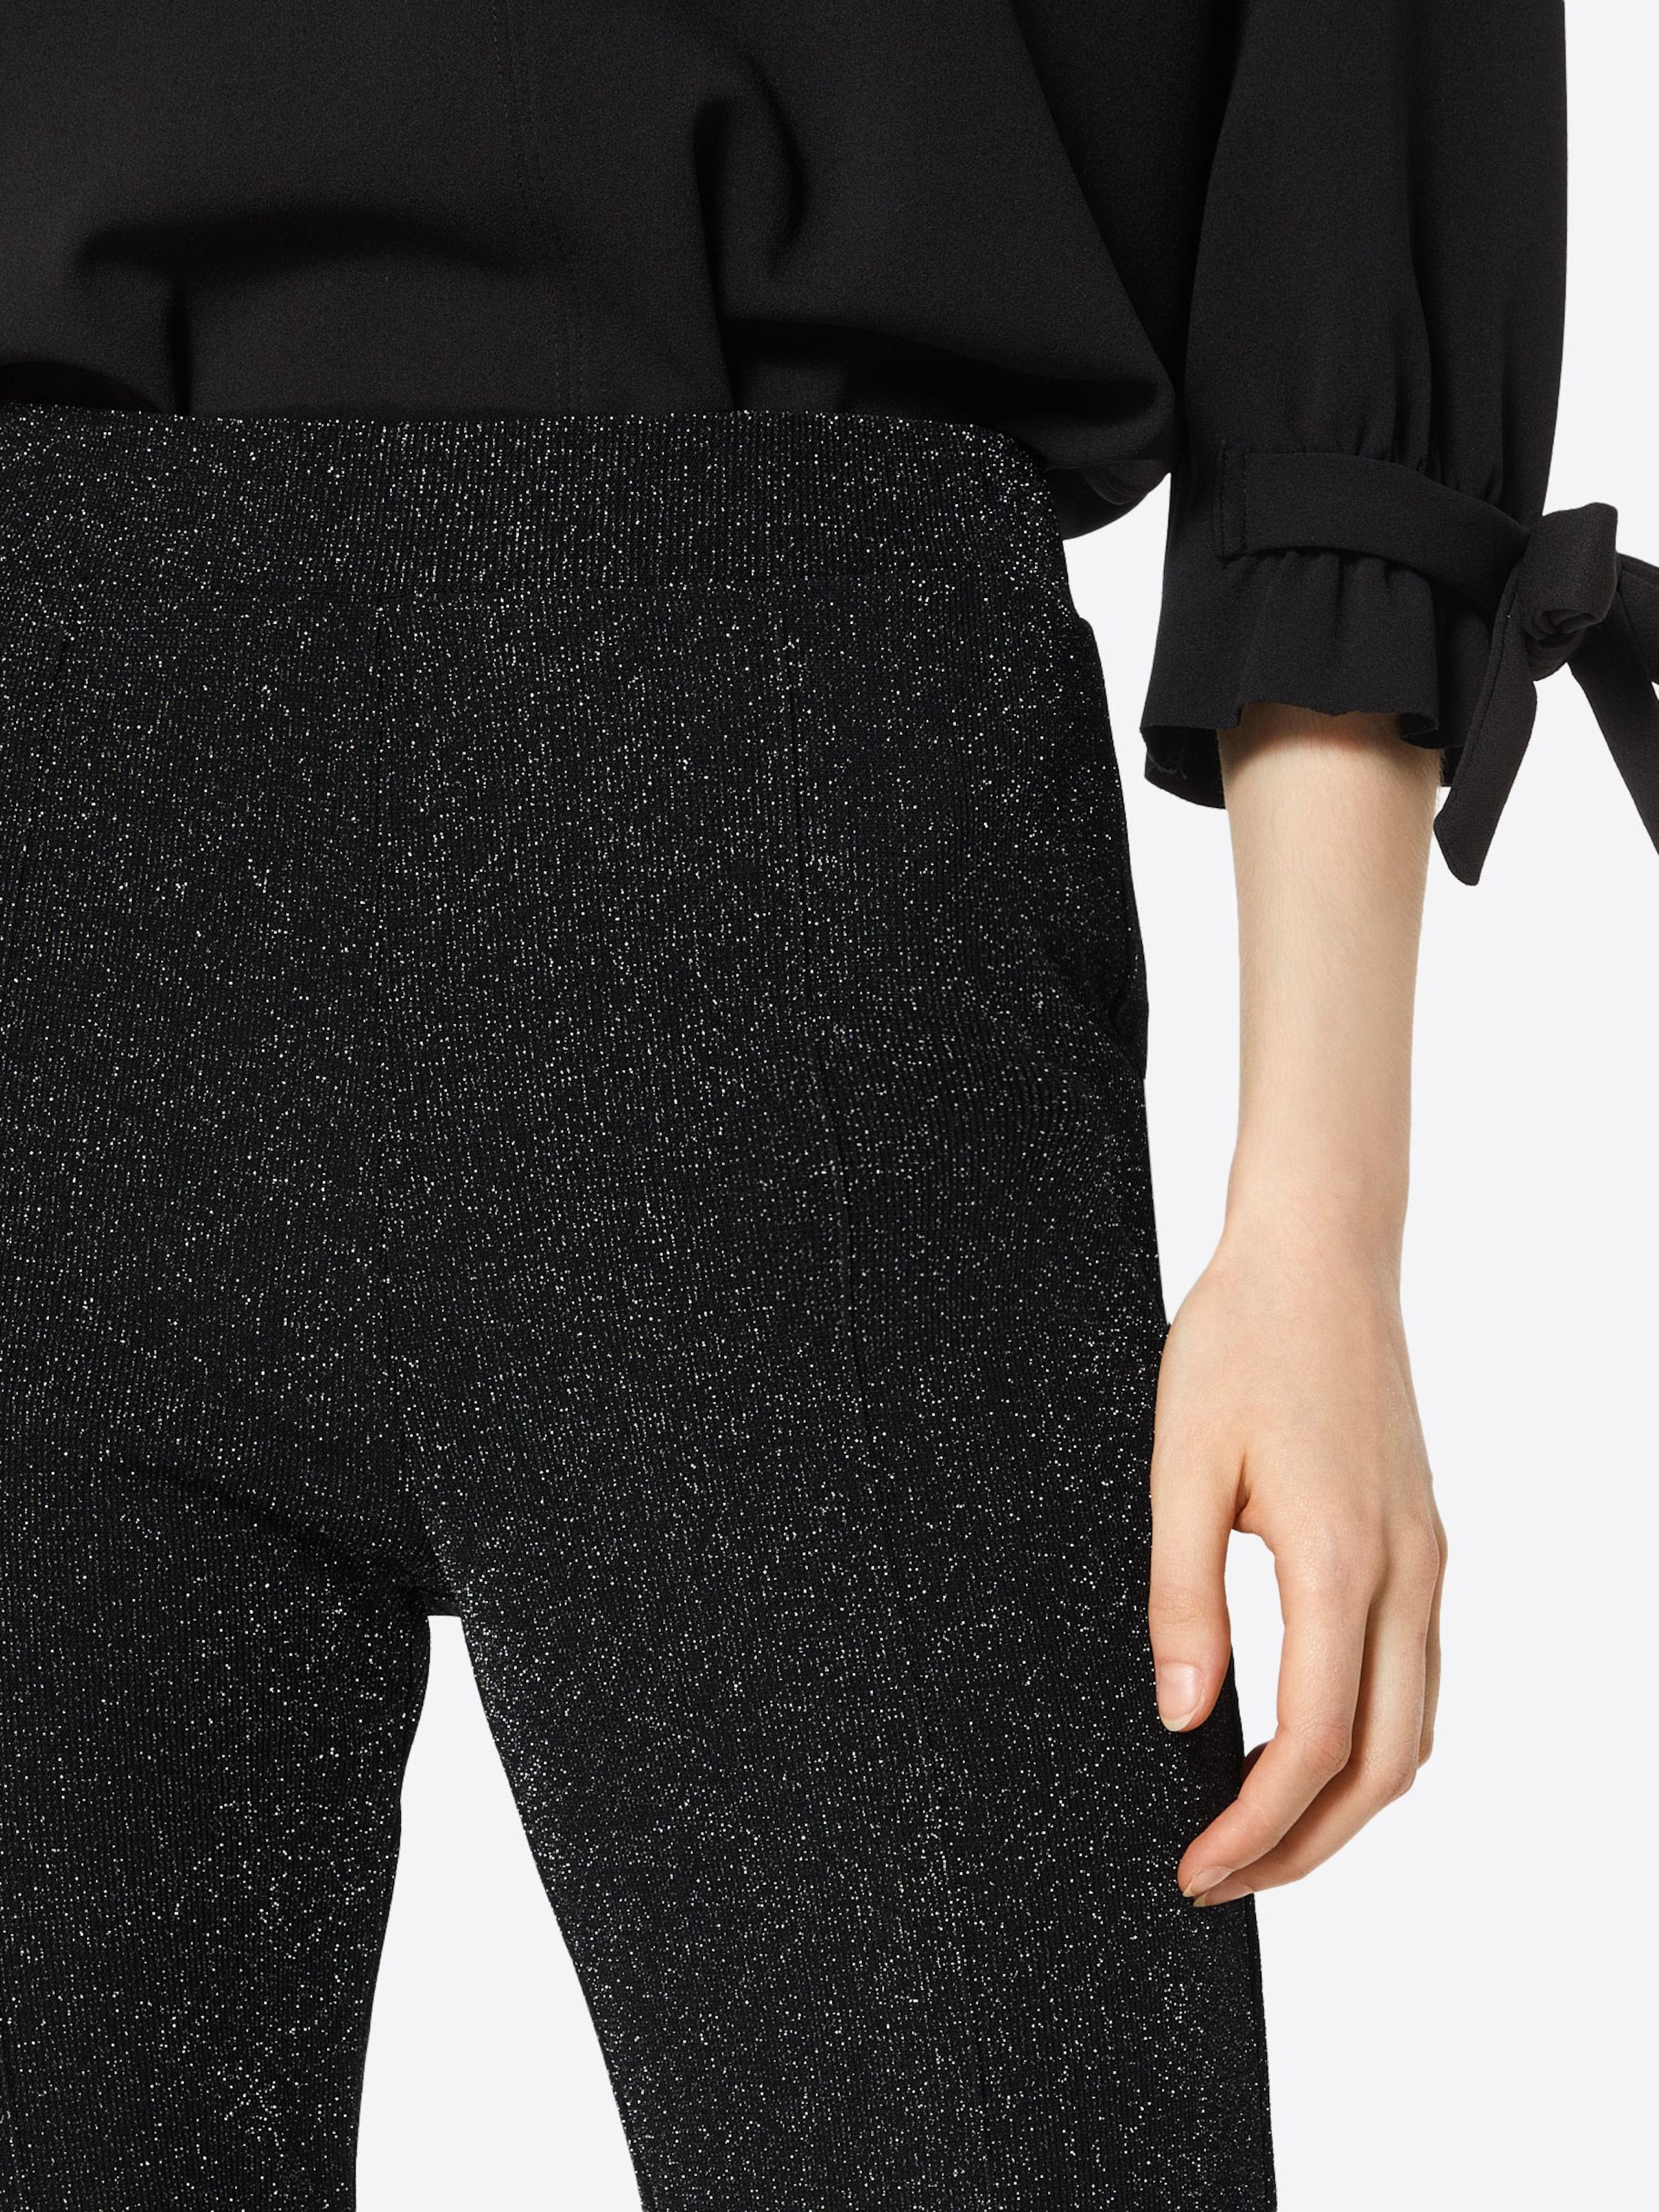 En Pieces Pieces Chiné Pantalon Pieces Noir Noir Chiné Pantalon En EIWDH29